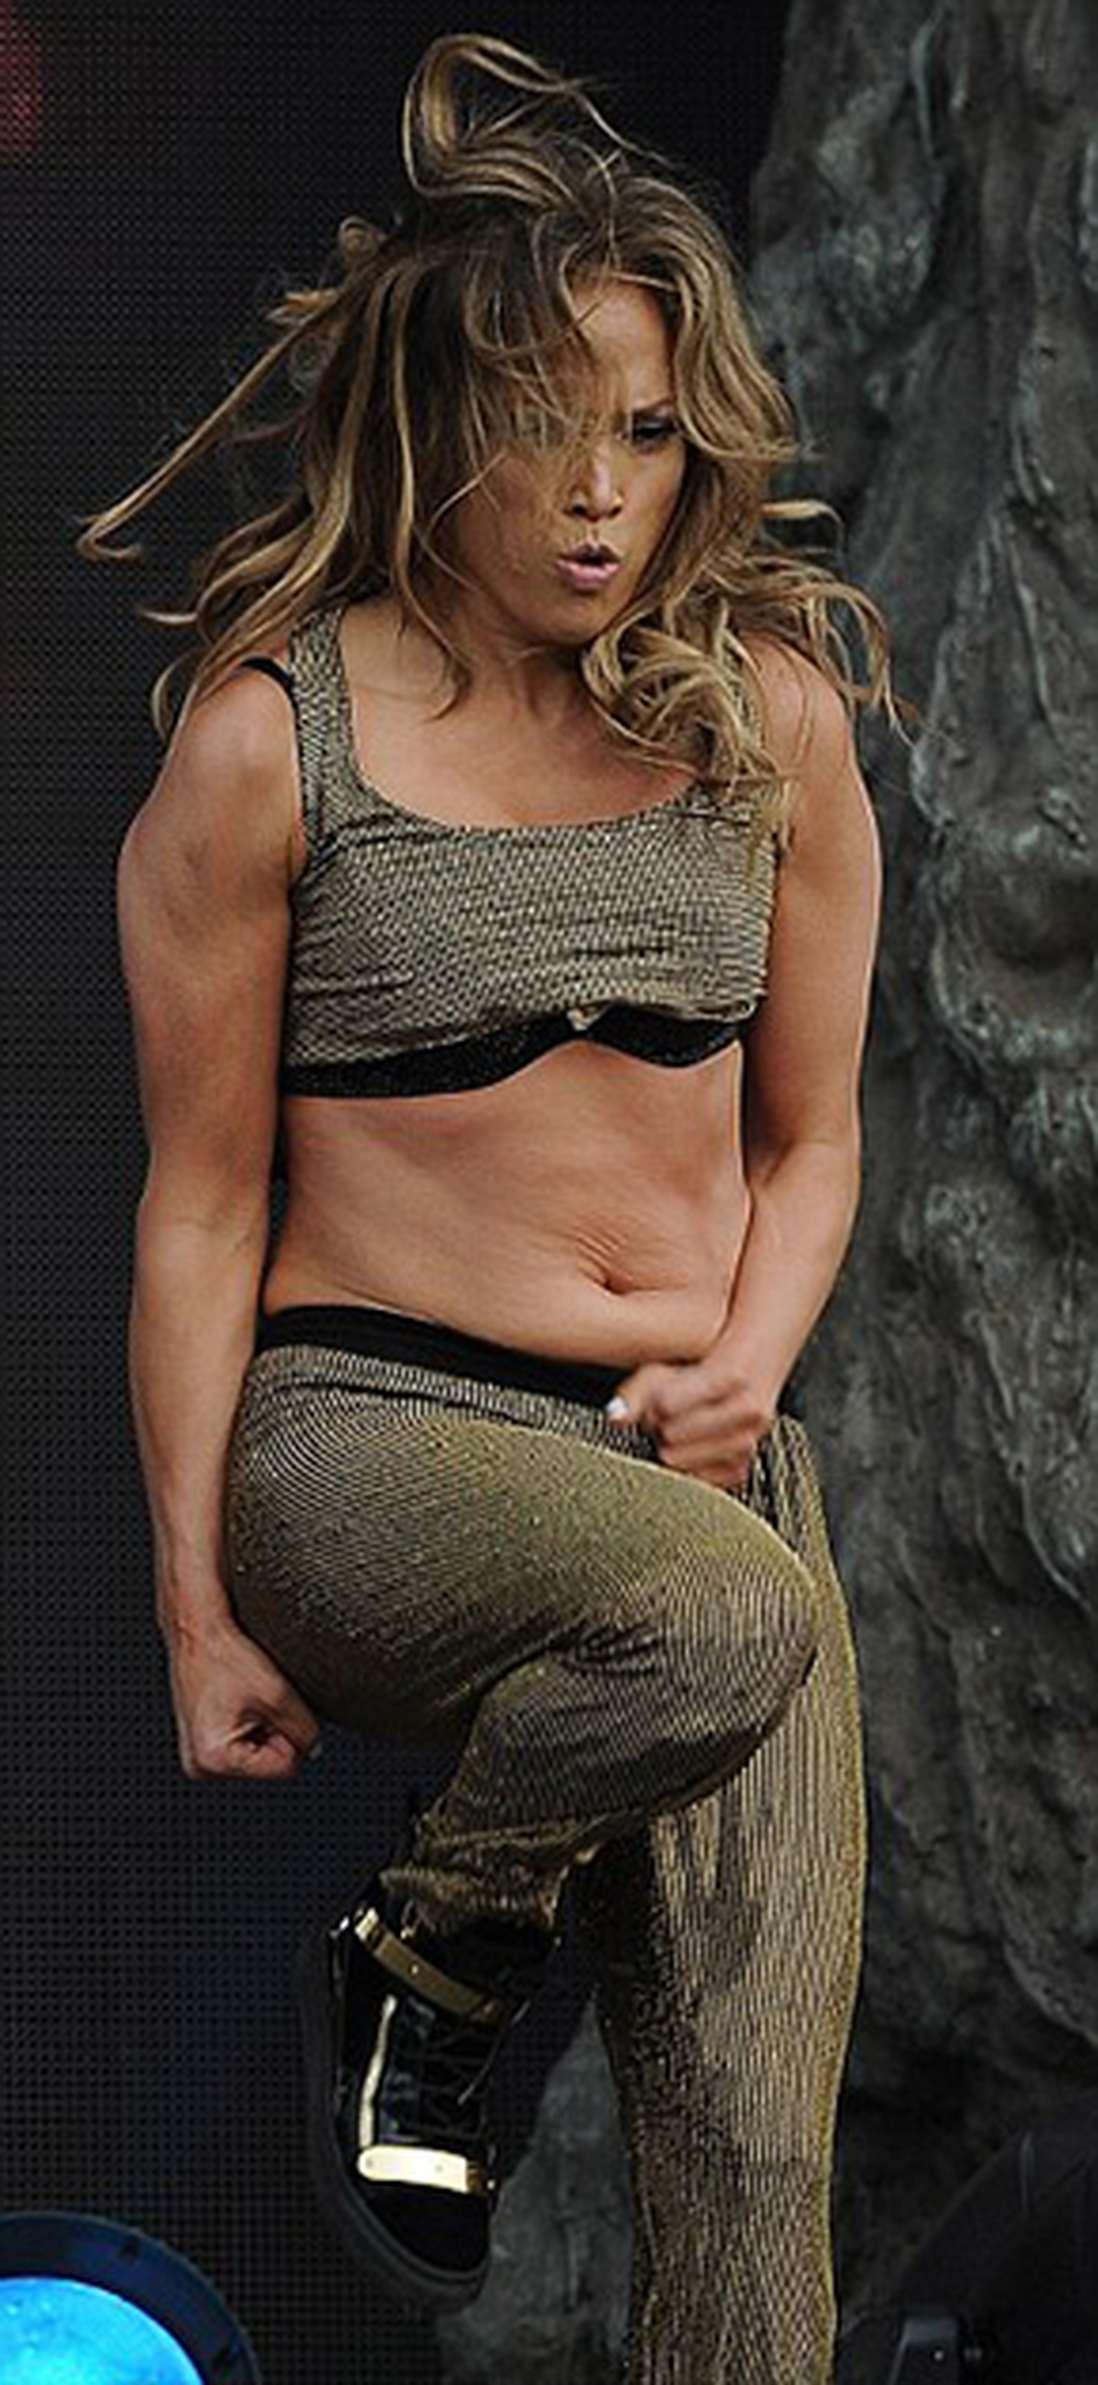 Дженифер лопес исполнилось 45: самые сексуальные фото певицы